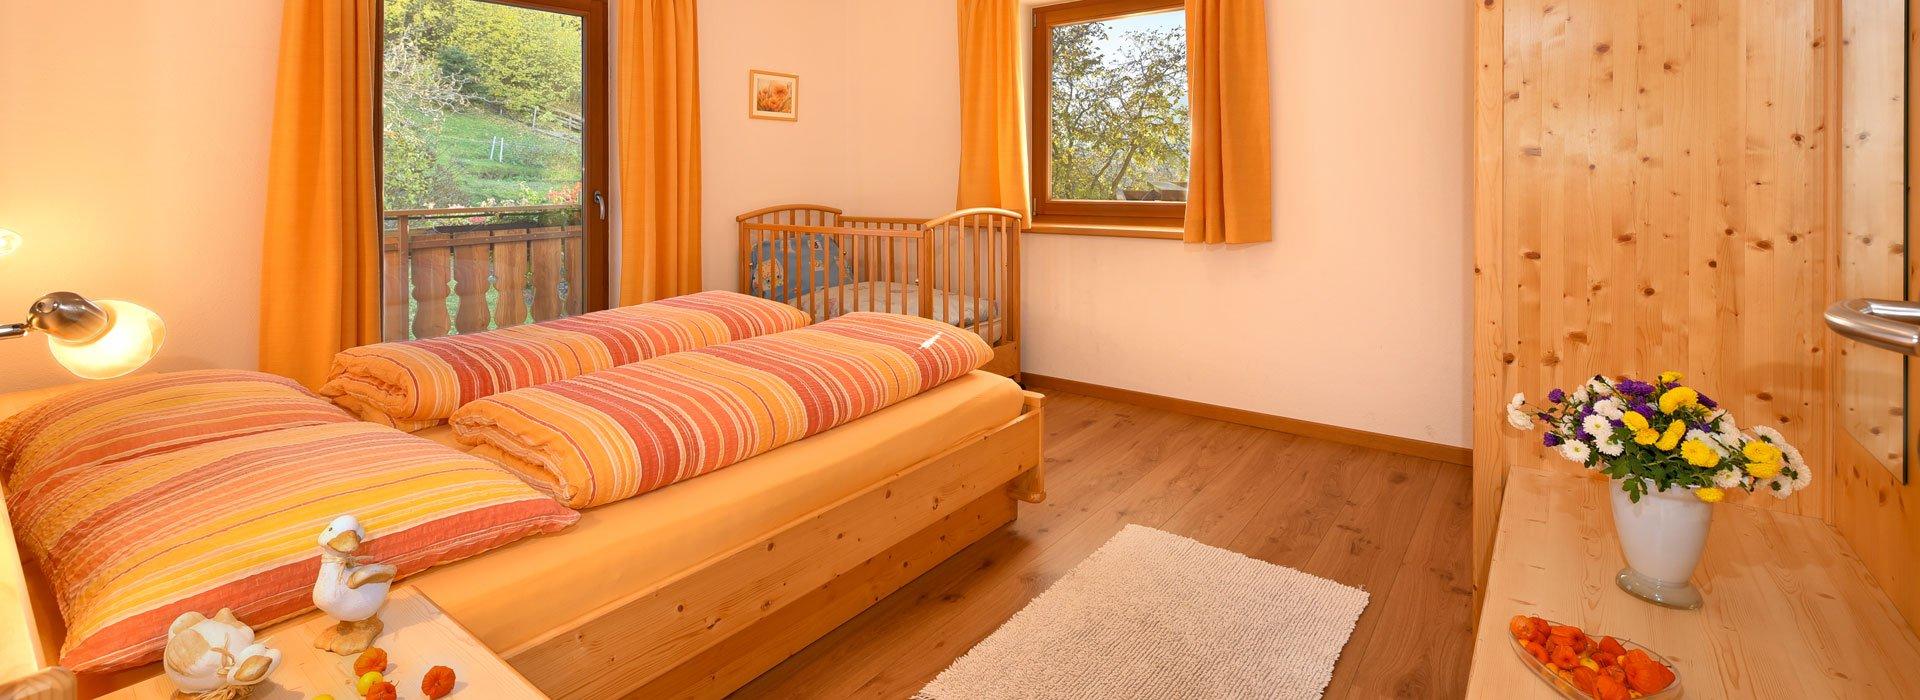 ferienwohnung f r 6 personen die ger umige putzerhof. Black Bedroom Furniture Sets. Home Design Ideas